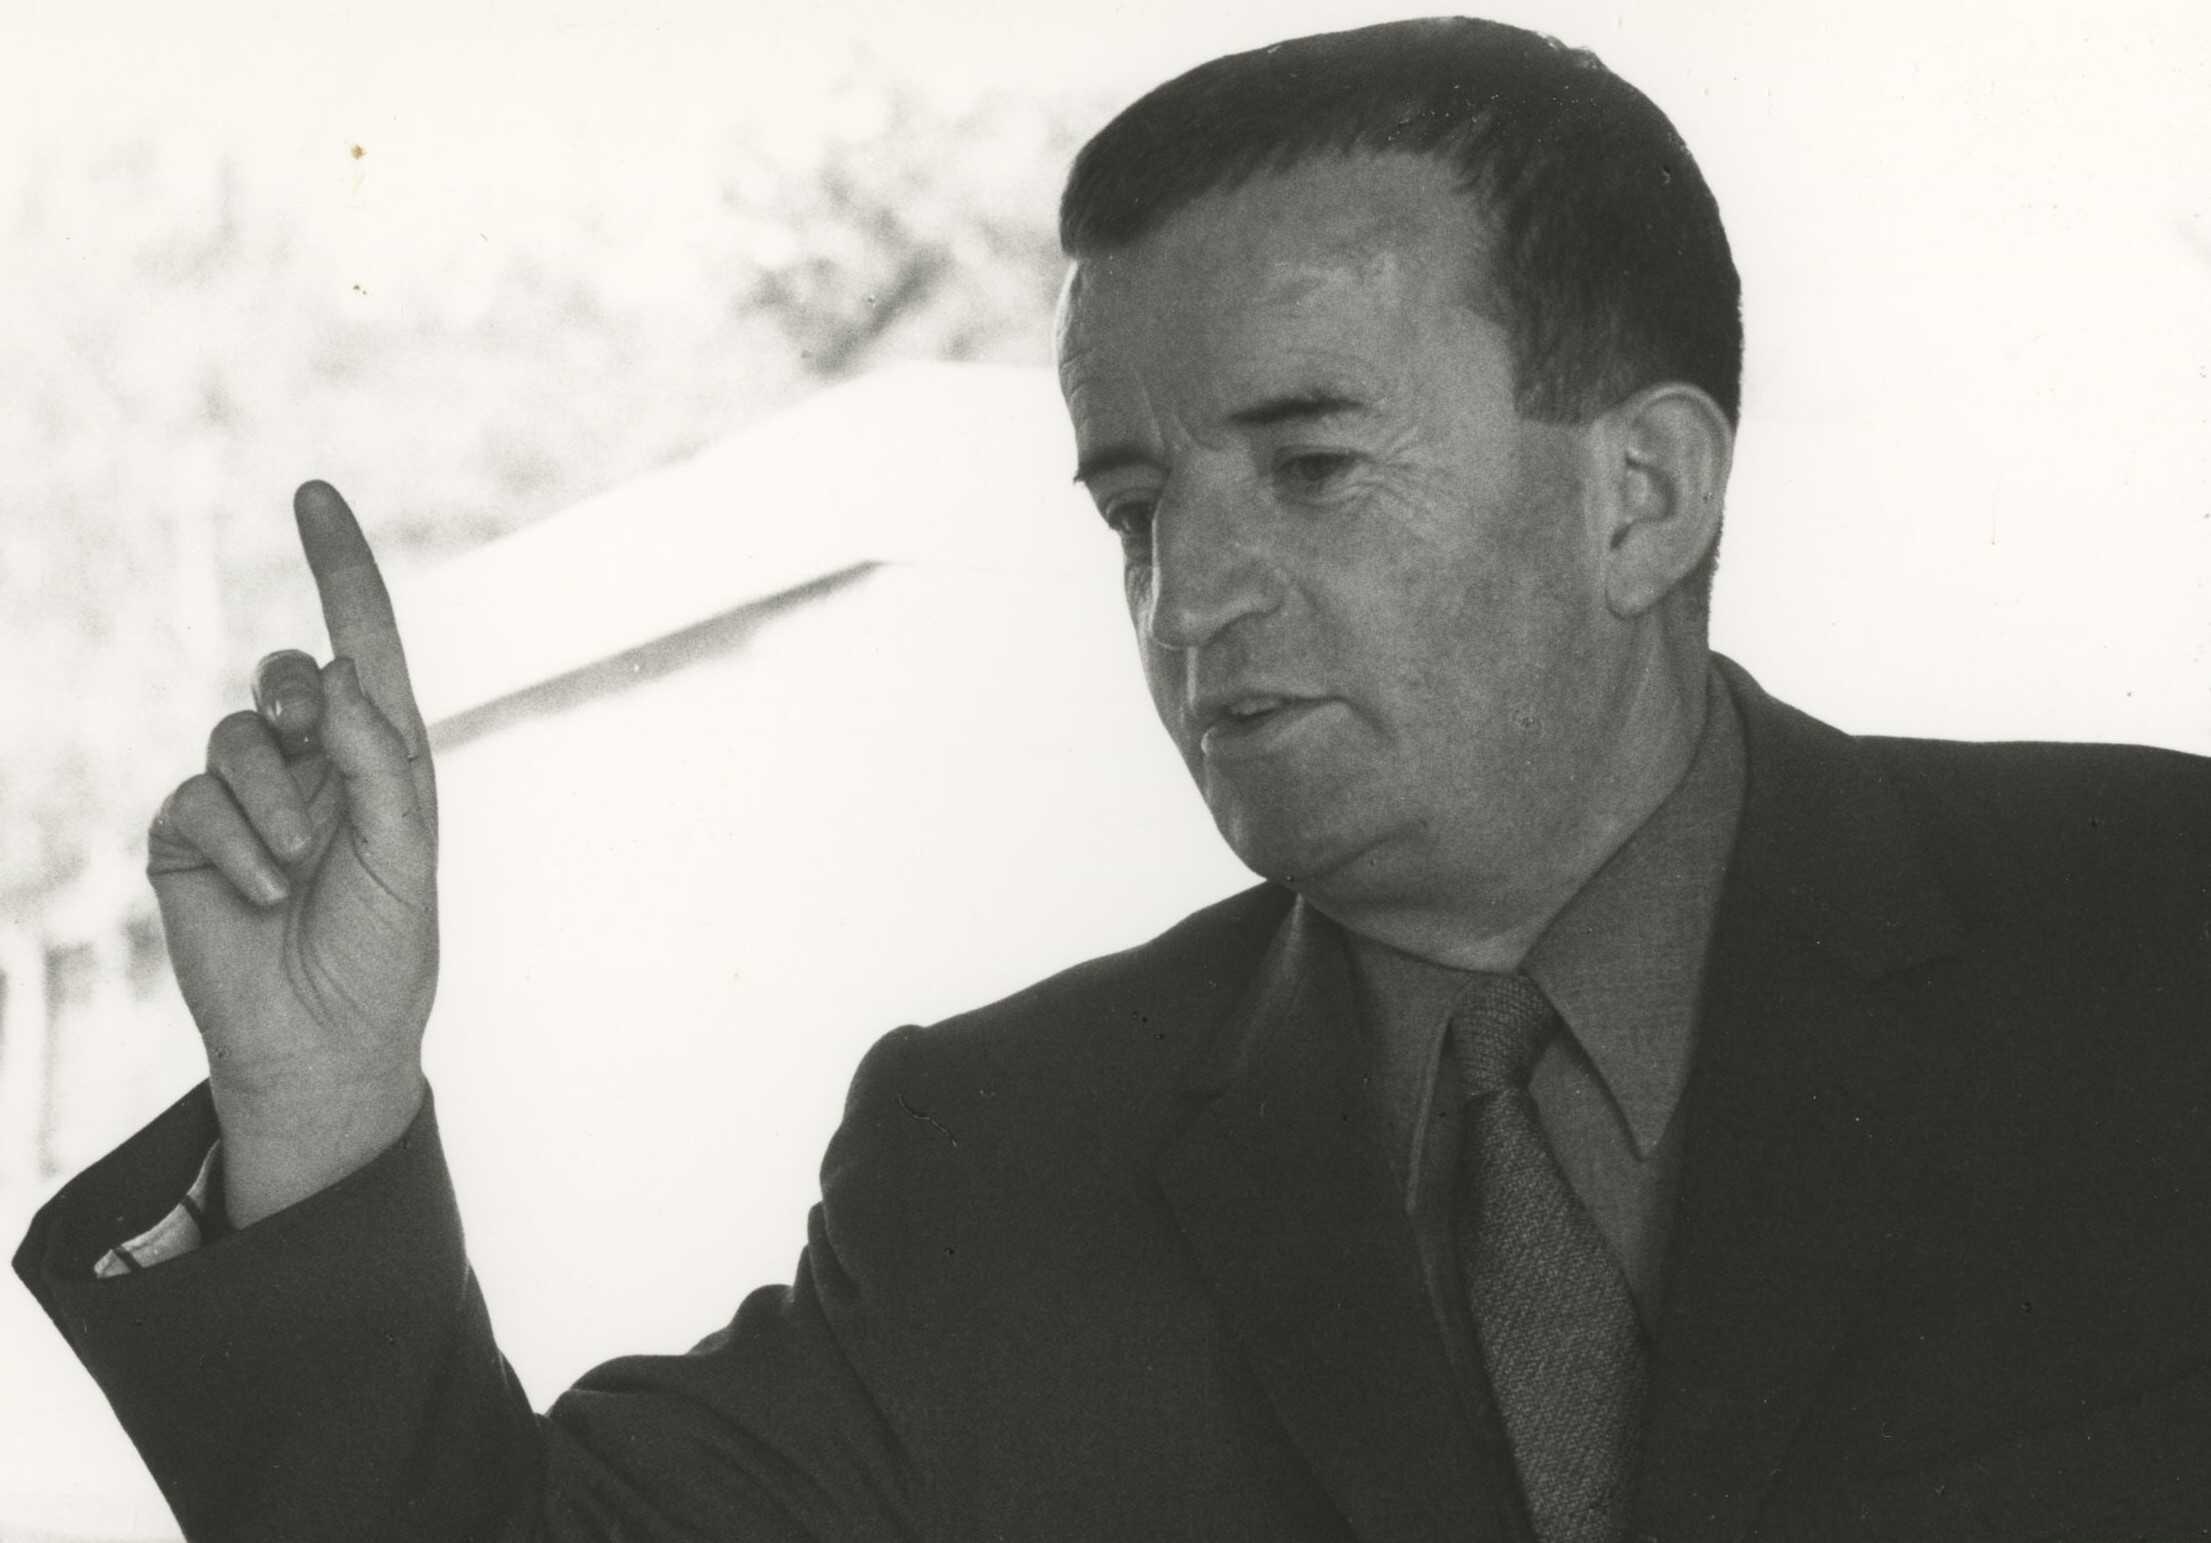 image for Sulivan, Jean (1913-1980) et Association des Amis de Jean Sulivan (1985-2011)